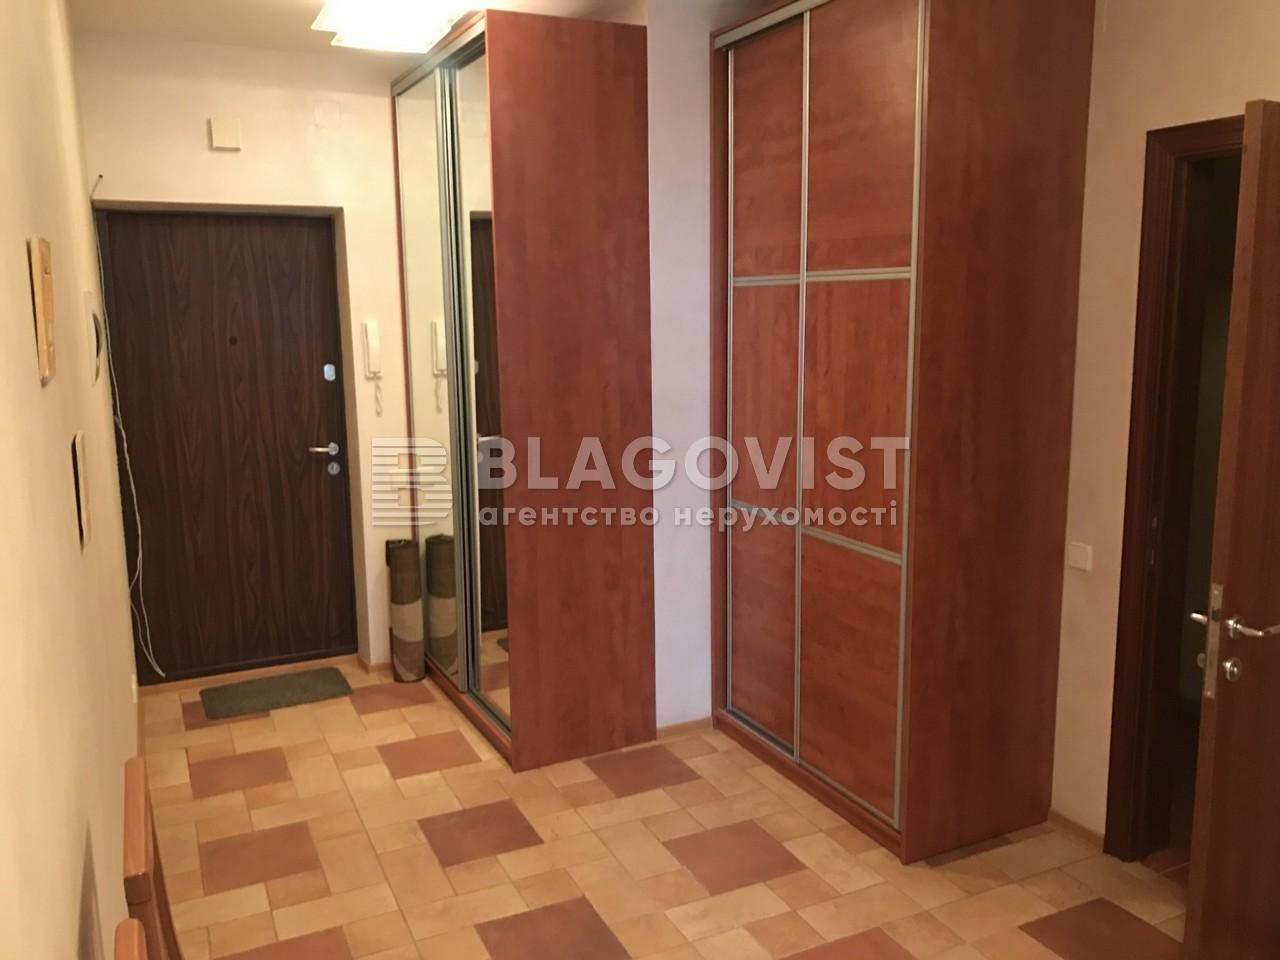 Квартира H-50015, Амосова Николая, 2, Киев - Фото 7